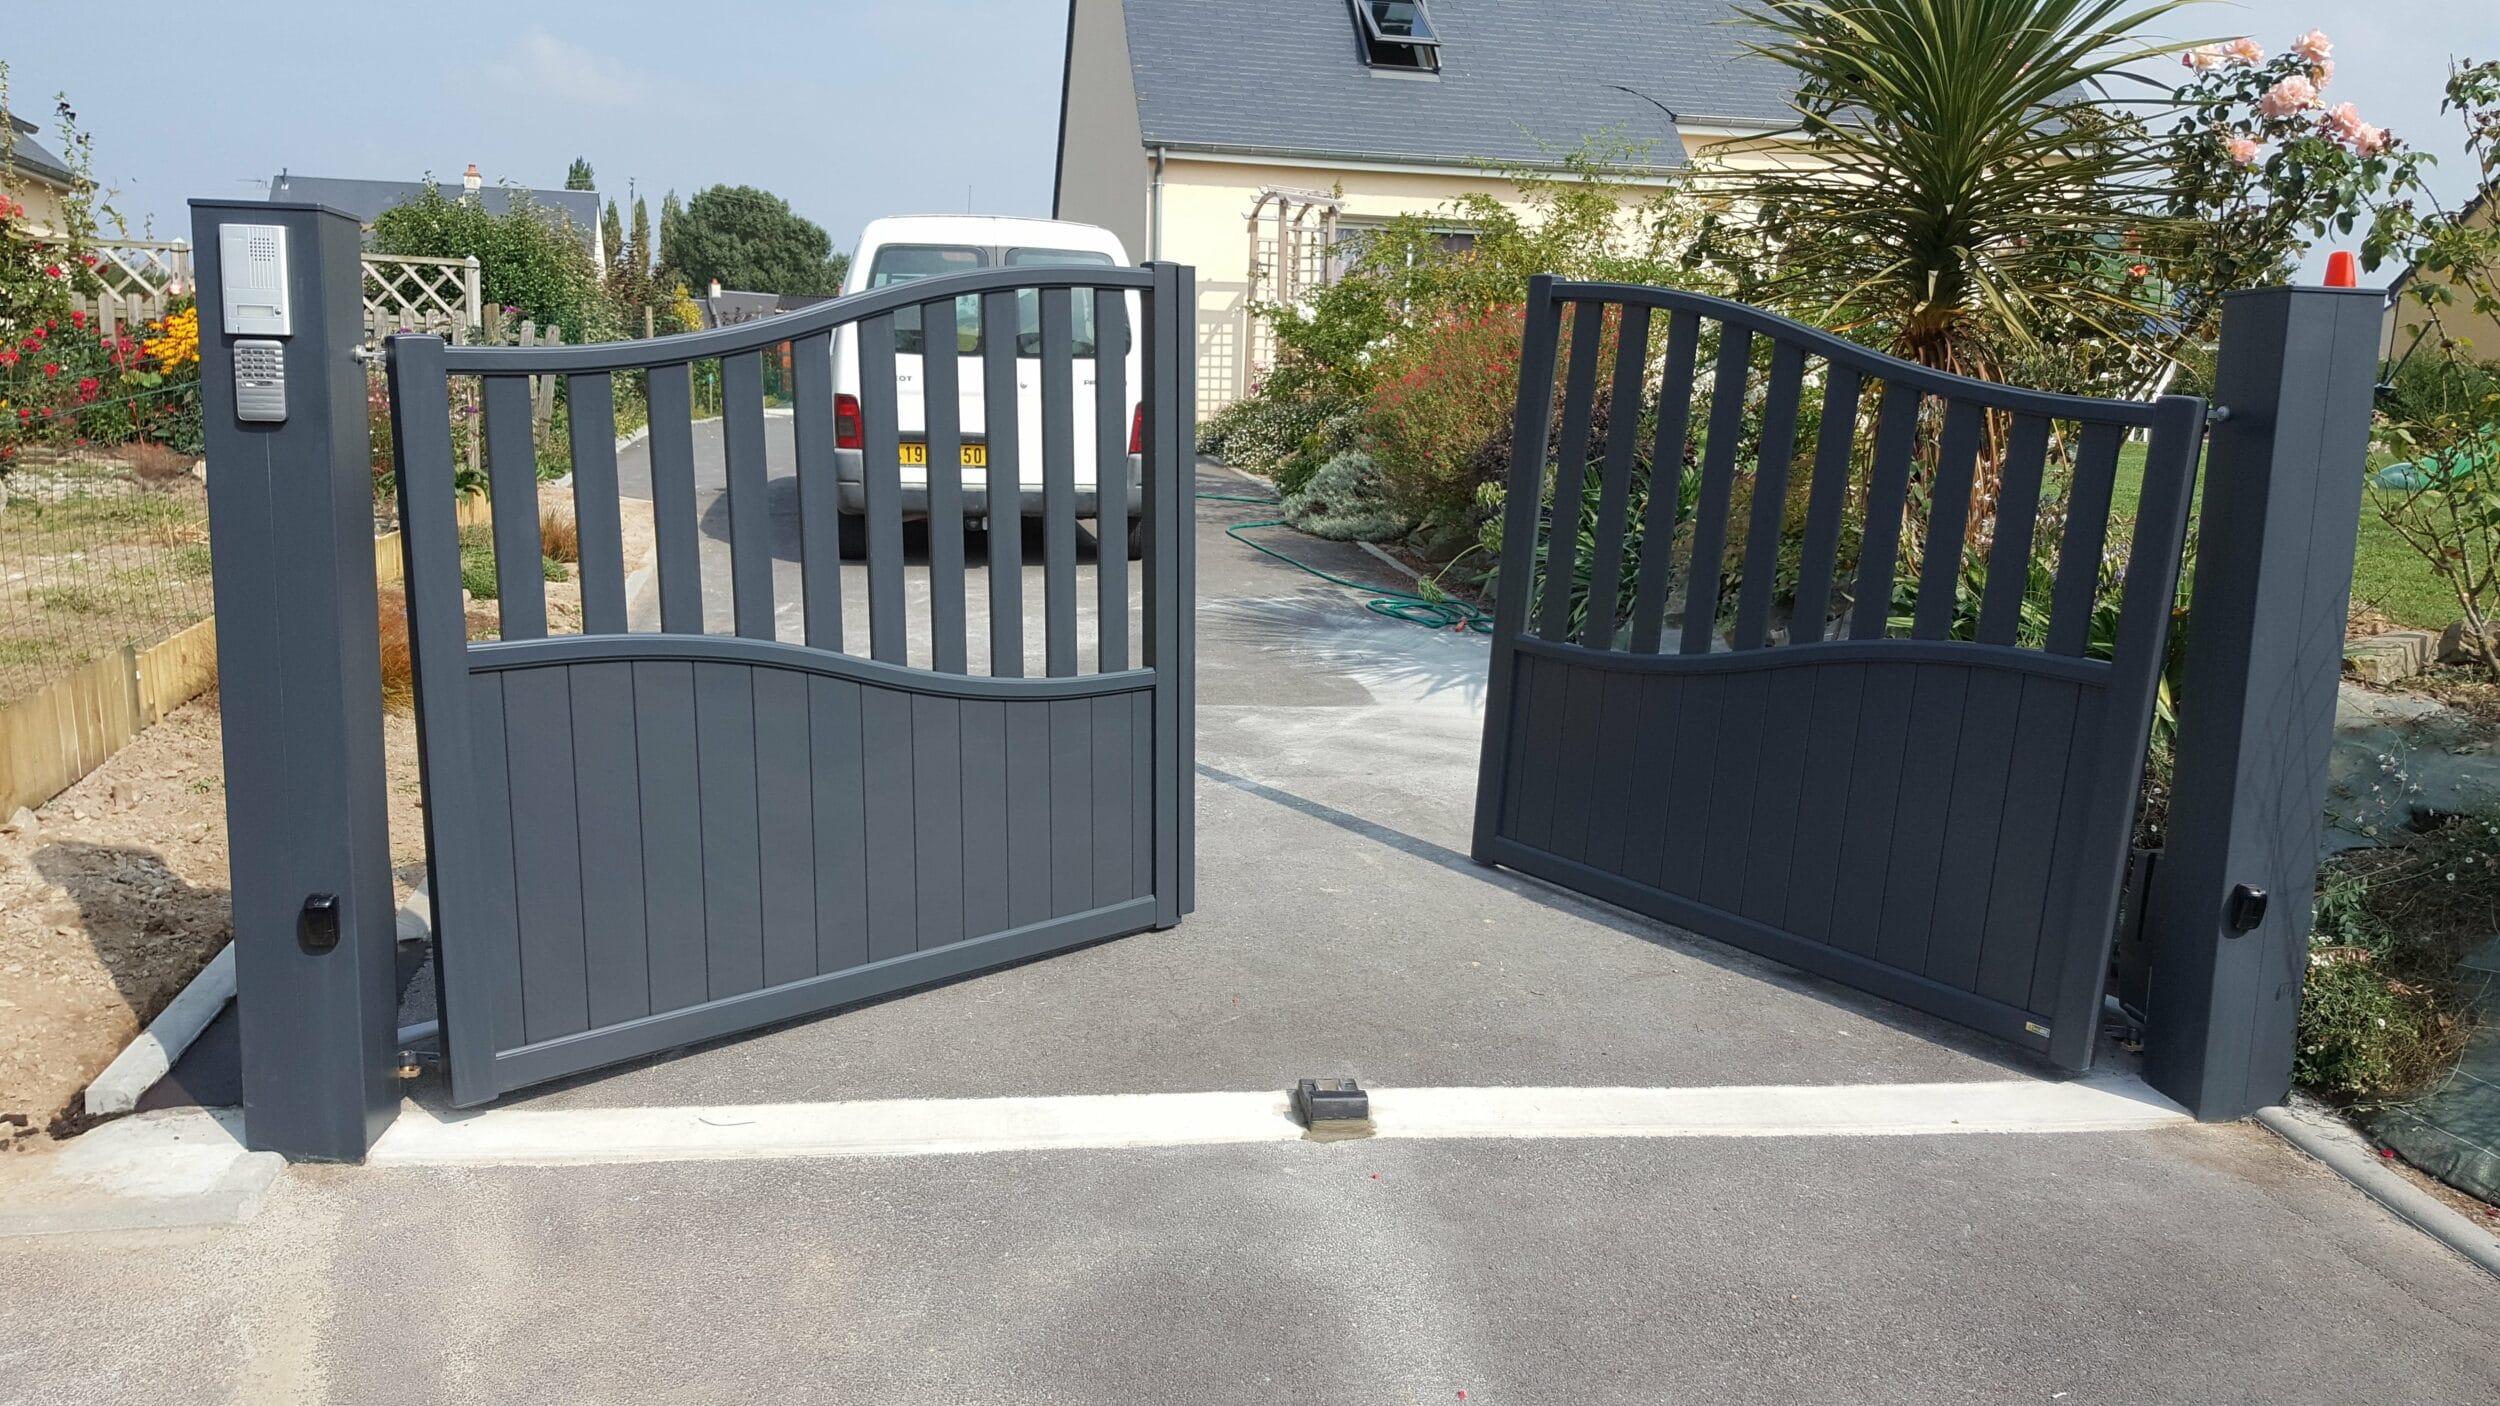 renov habitat pose d 39 un portail aluminium cardinal sur une maison pr s de la haye du puits. Black Bedroom Furniture Sets. Home Design Ideas